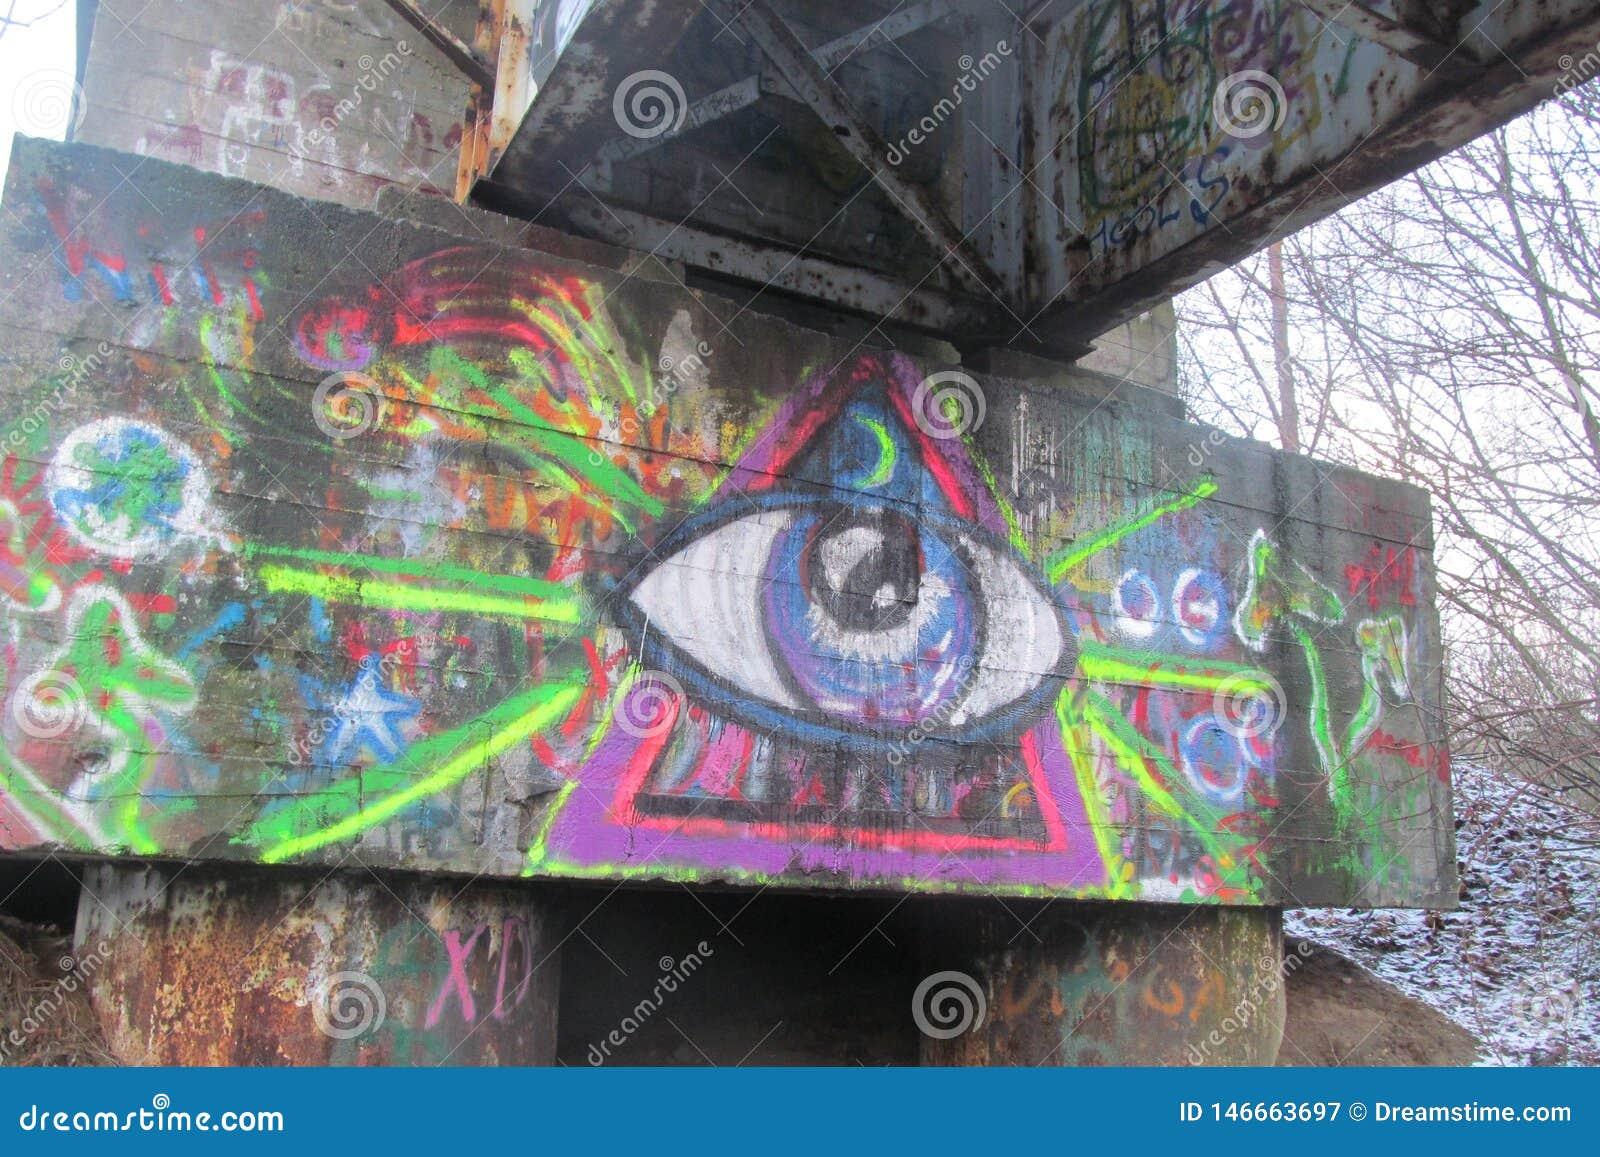 Graffiti blisko starej stacji kolejowej